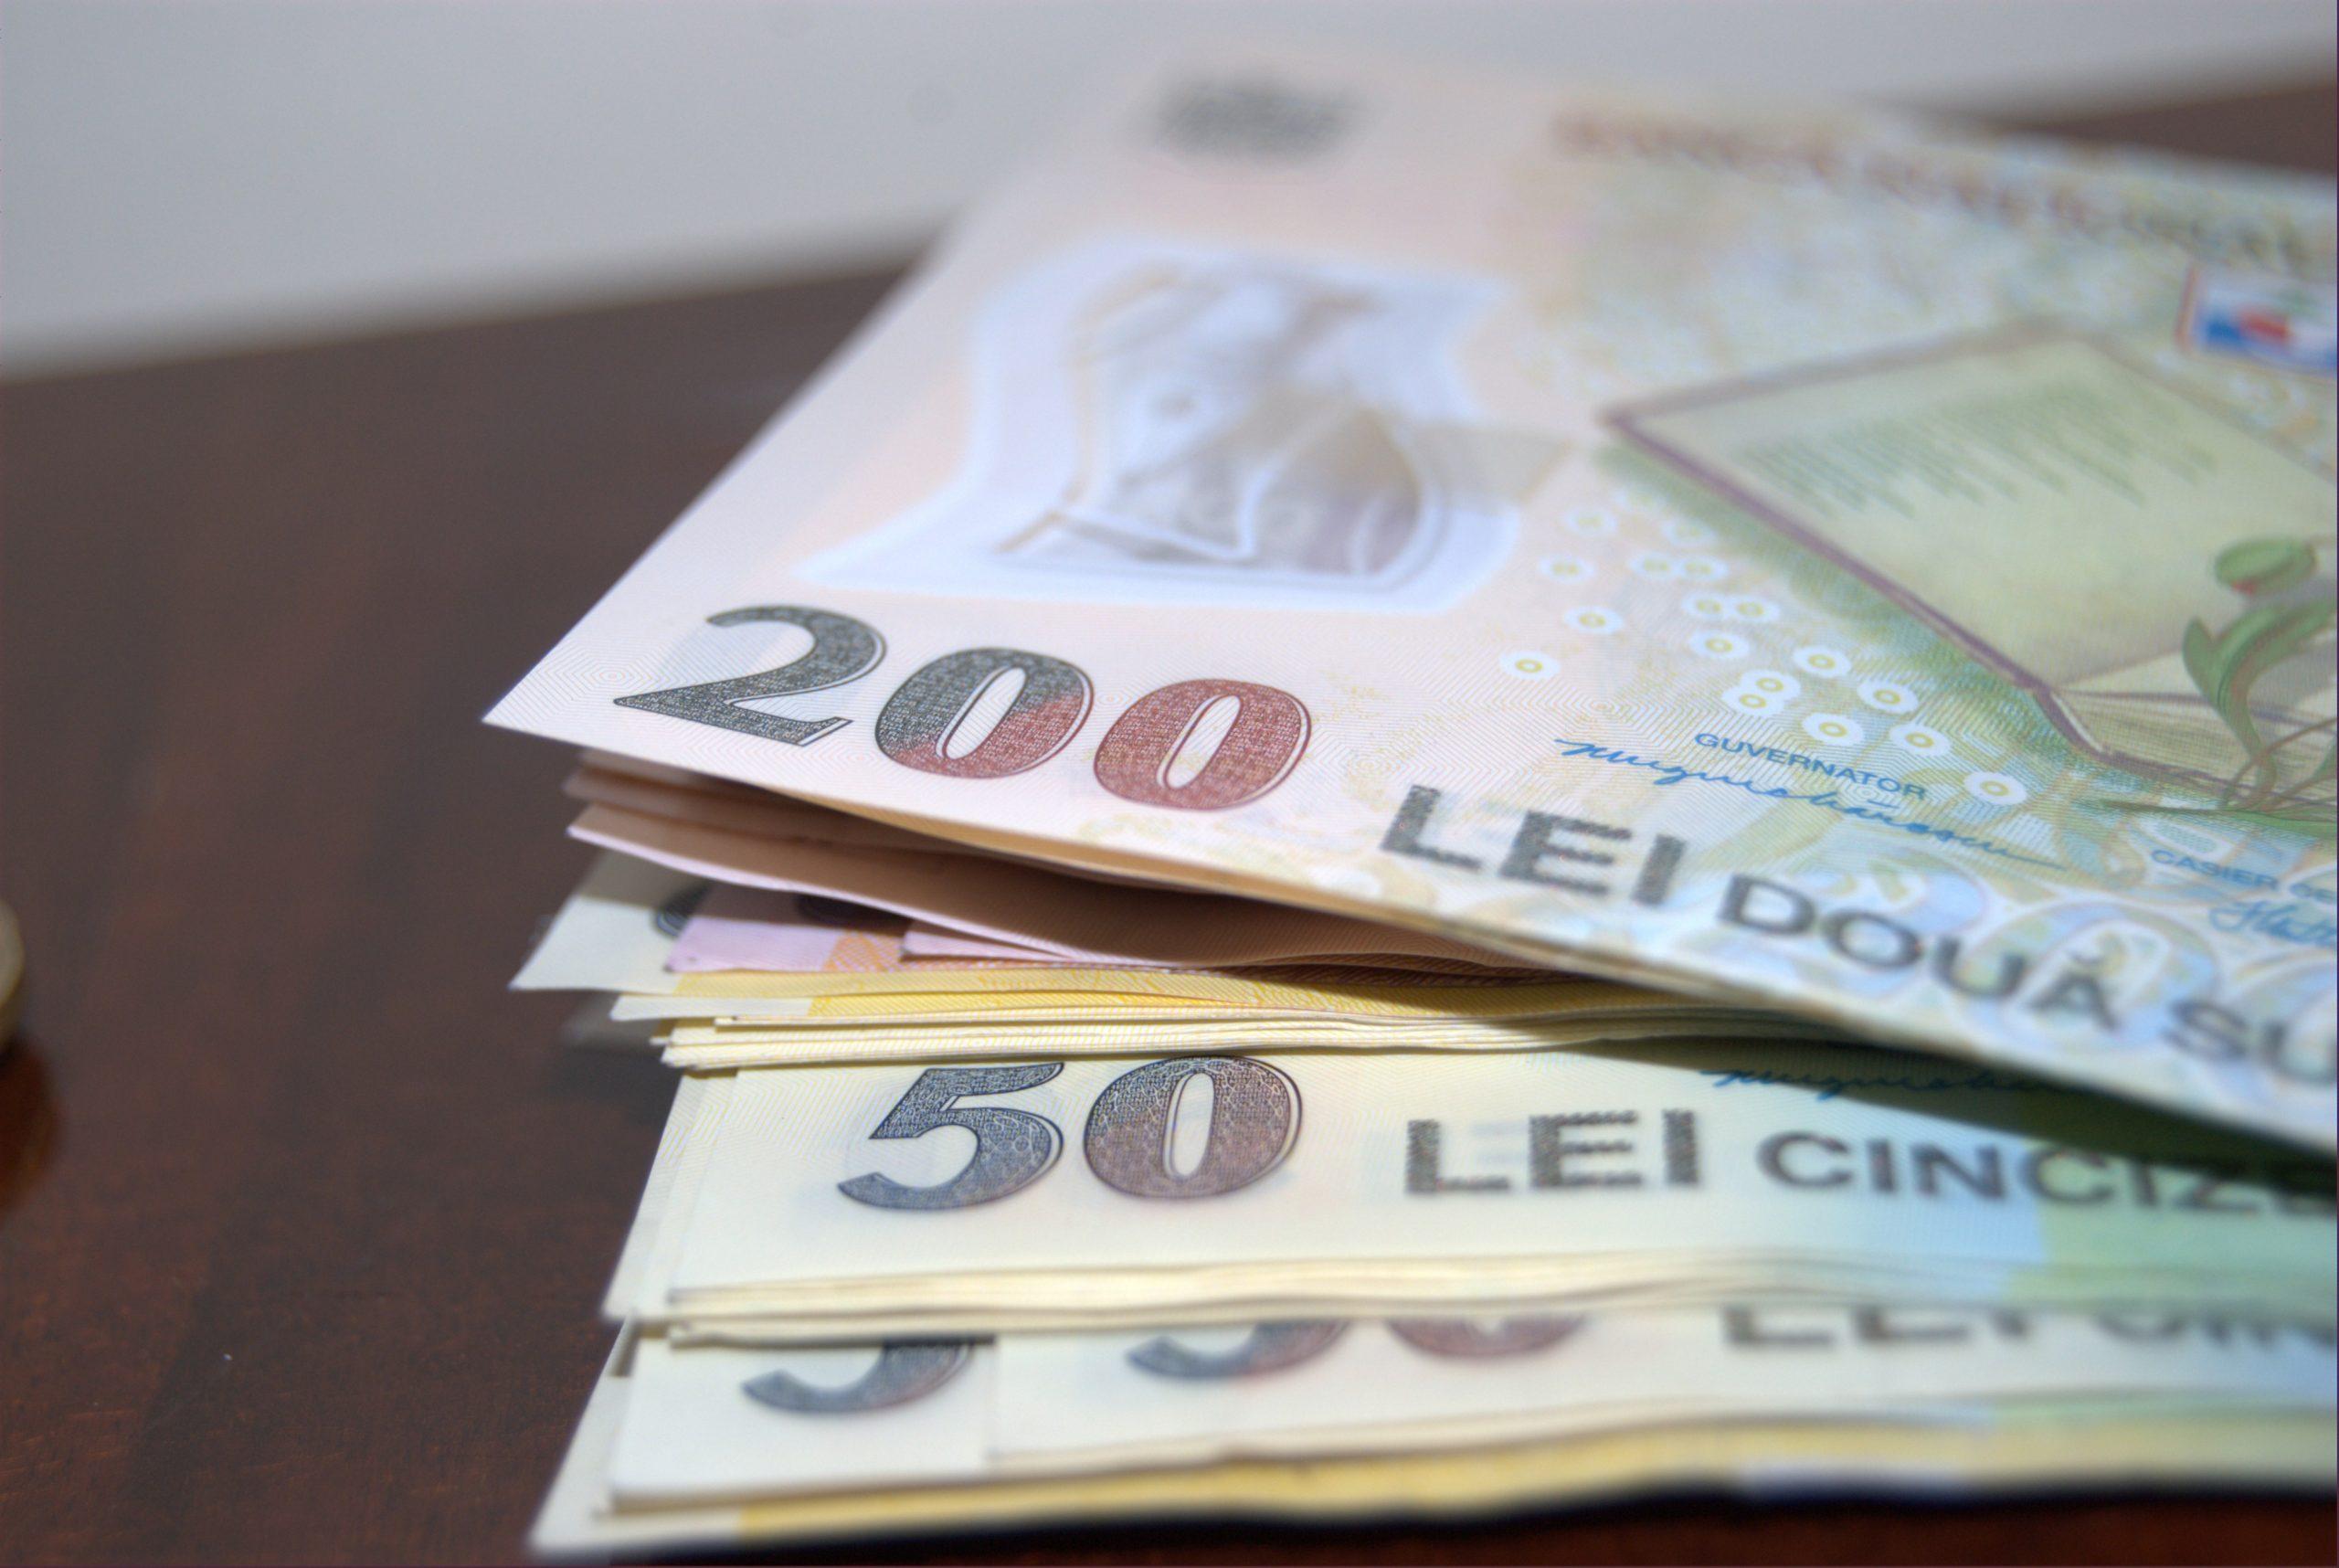 bani ușor buni recomandări de cursuri de tranzacționare online